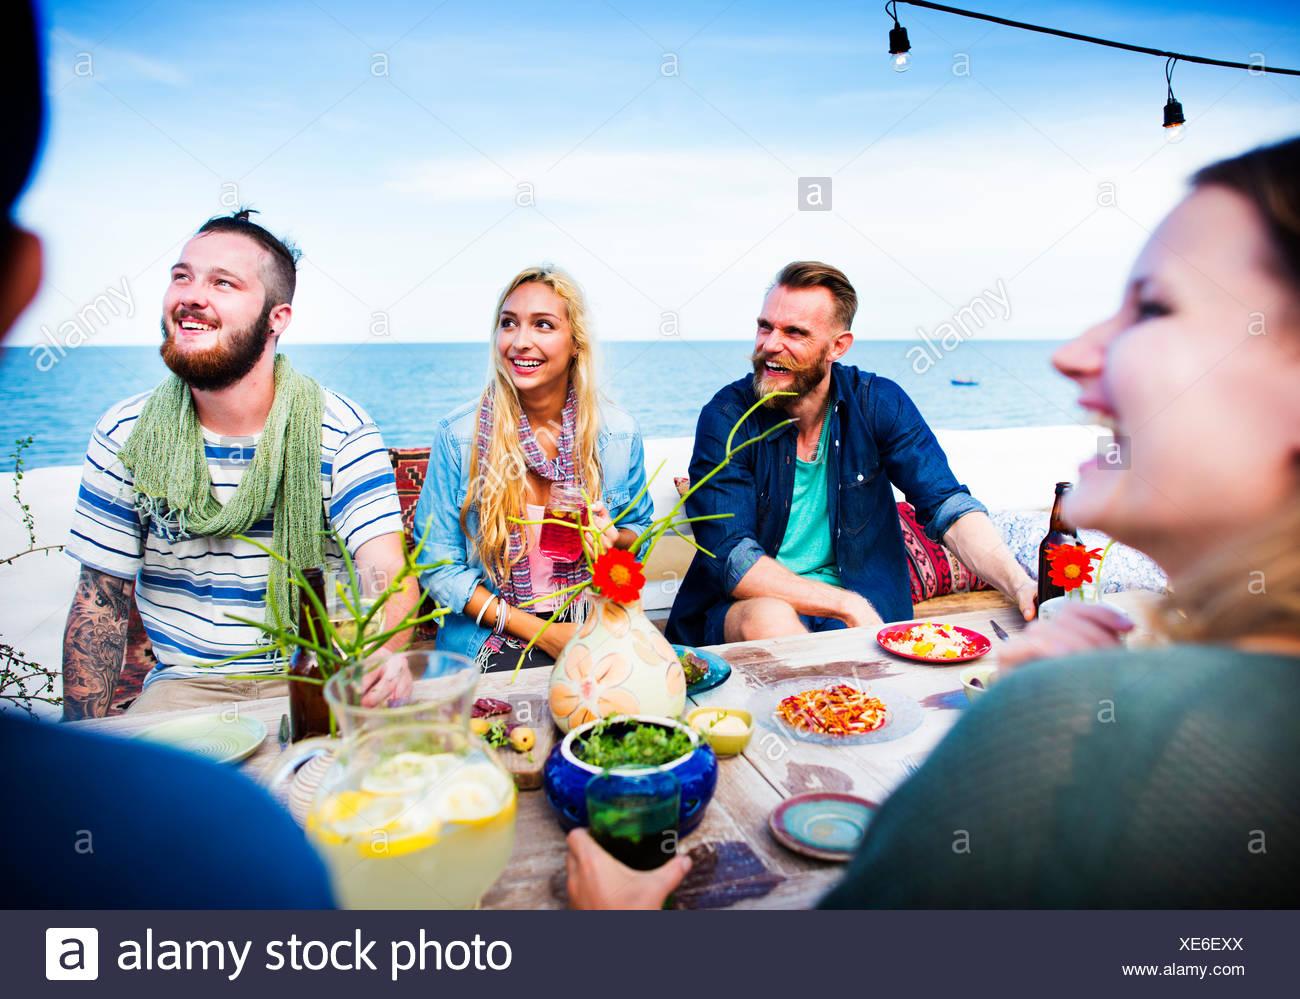 Beach Party d'été diversifiée Roof Top Concept amusant Photo Stock